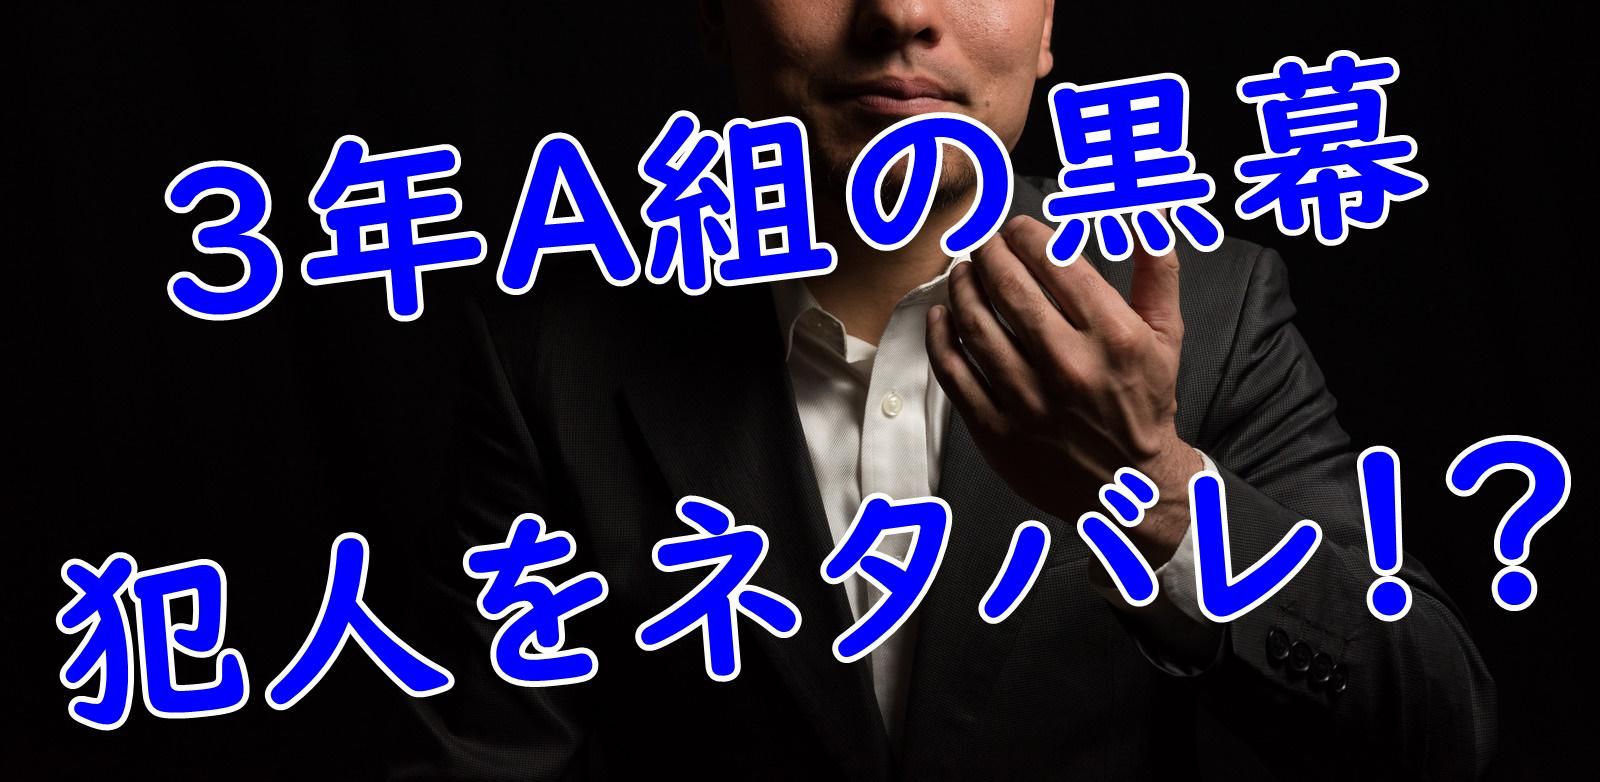 3年A組の黒幕の犯人をネタバレ!